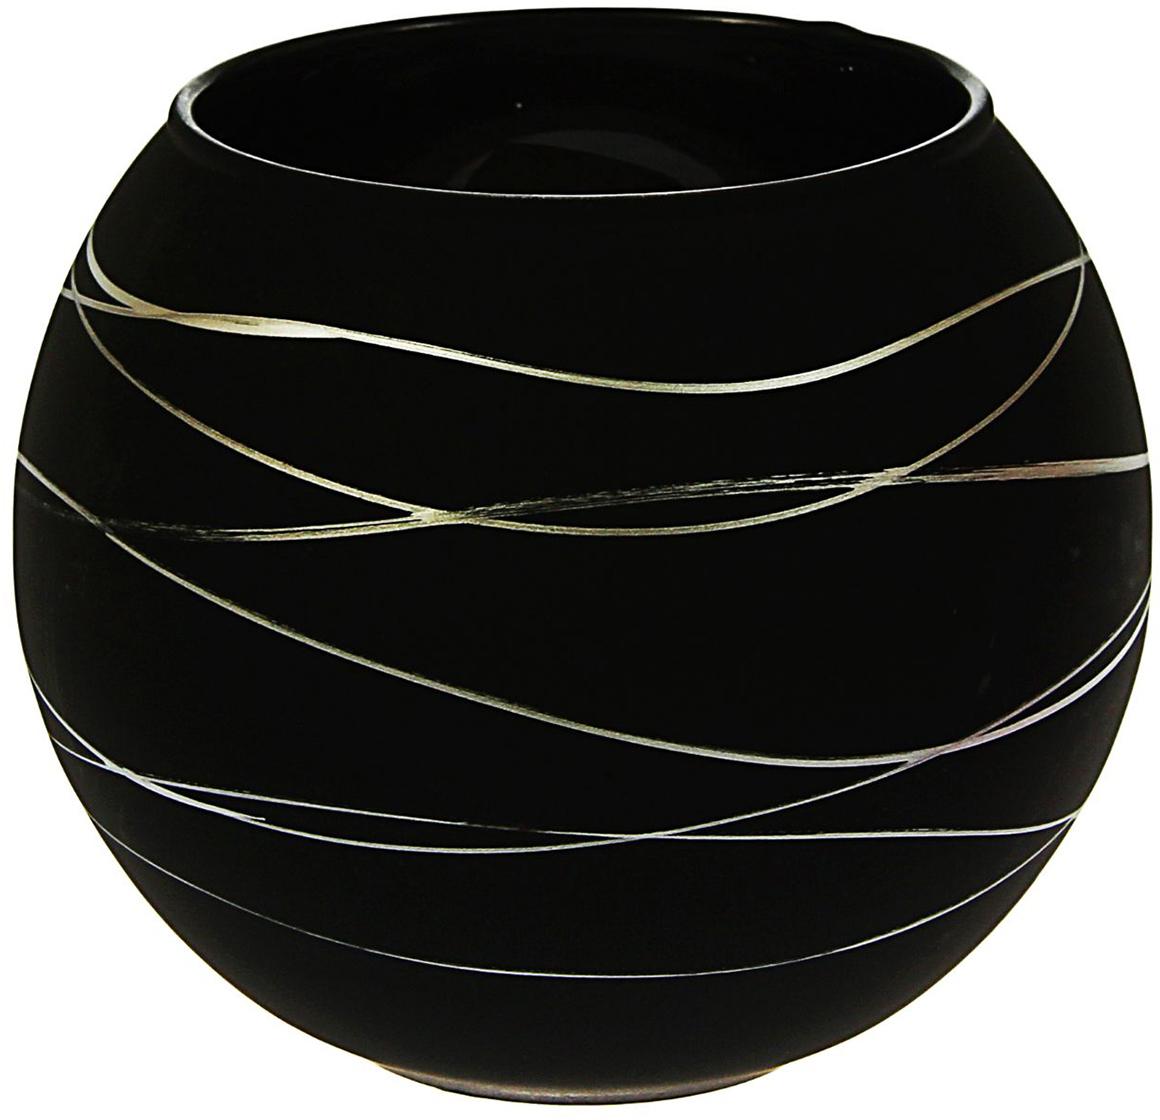 Ваза-шар Evis Серпантин, цвет: черный, 2 л ваза evis вероника 1 95 л